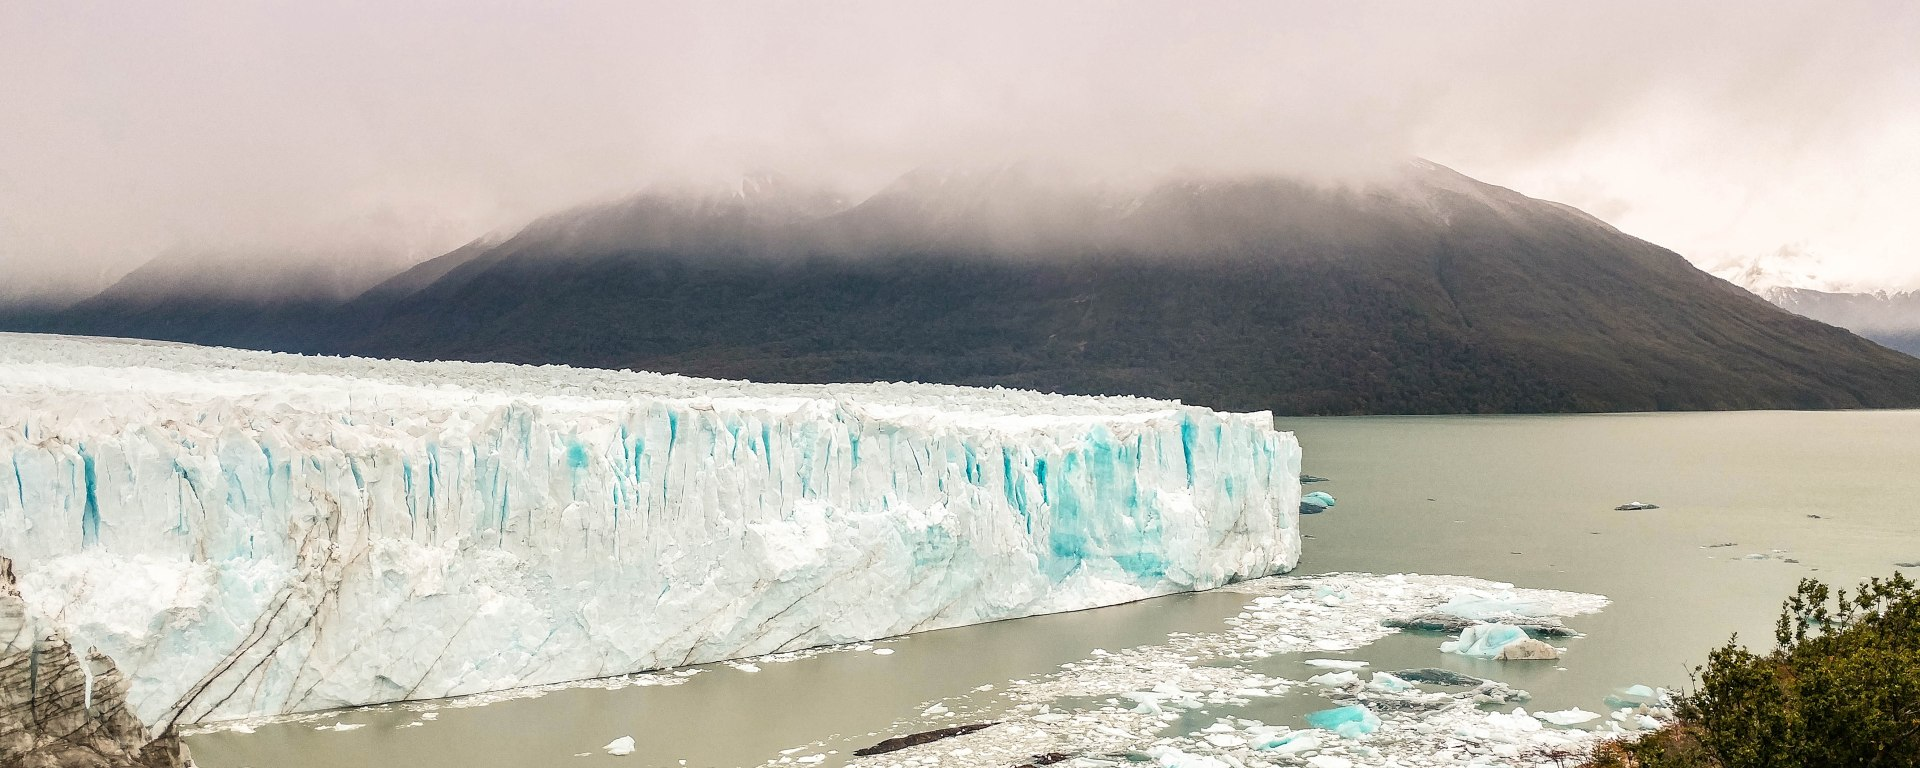 Los Glaciars National Park